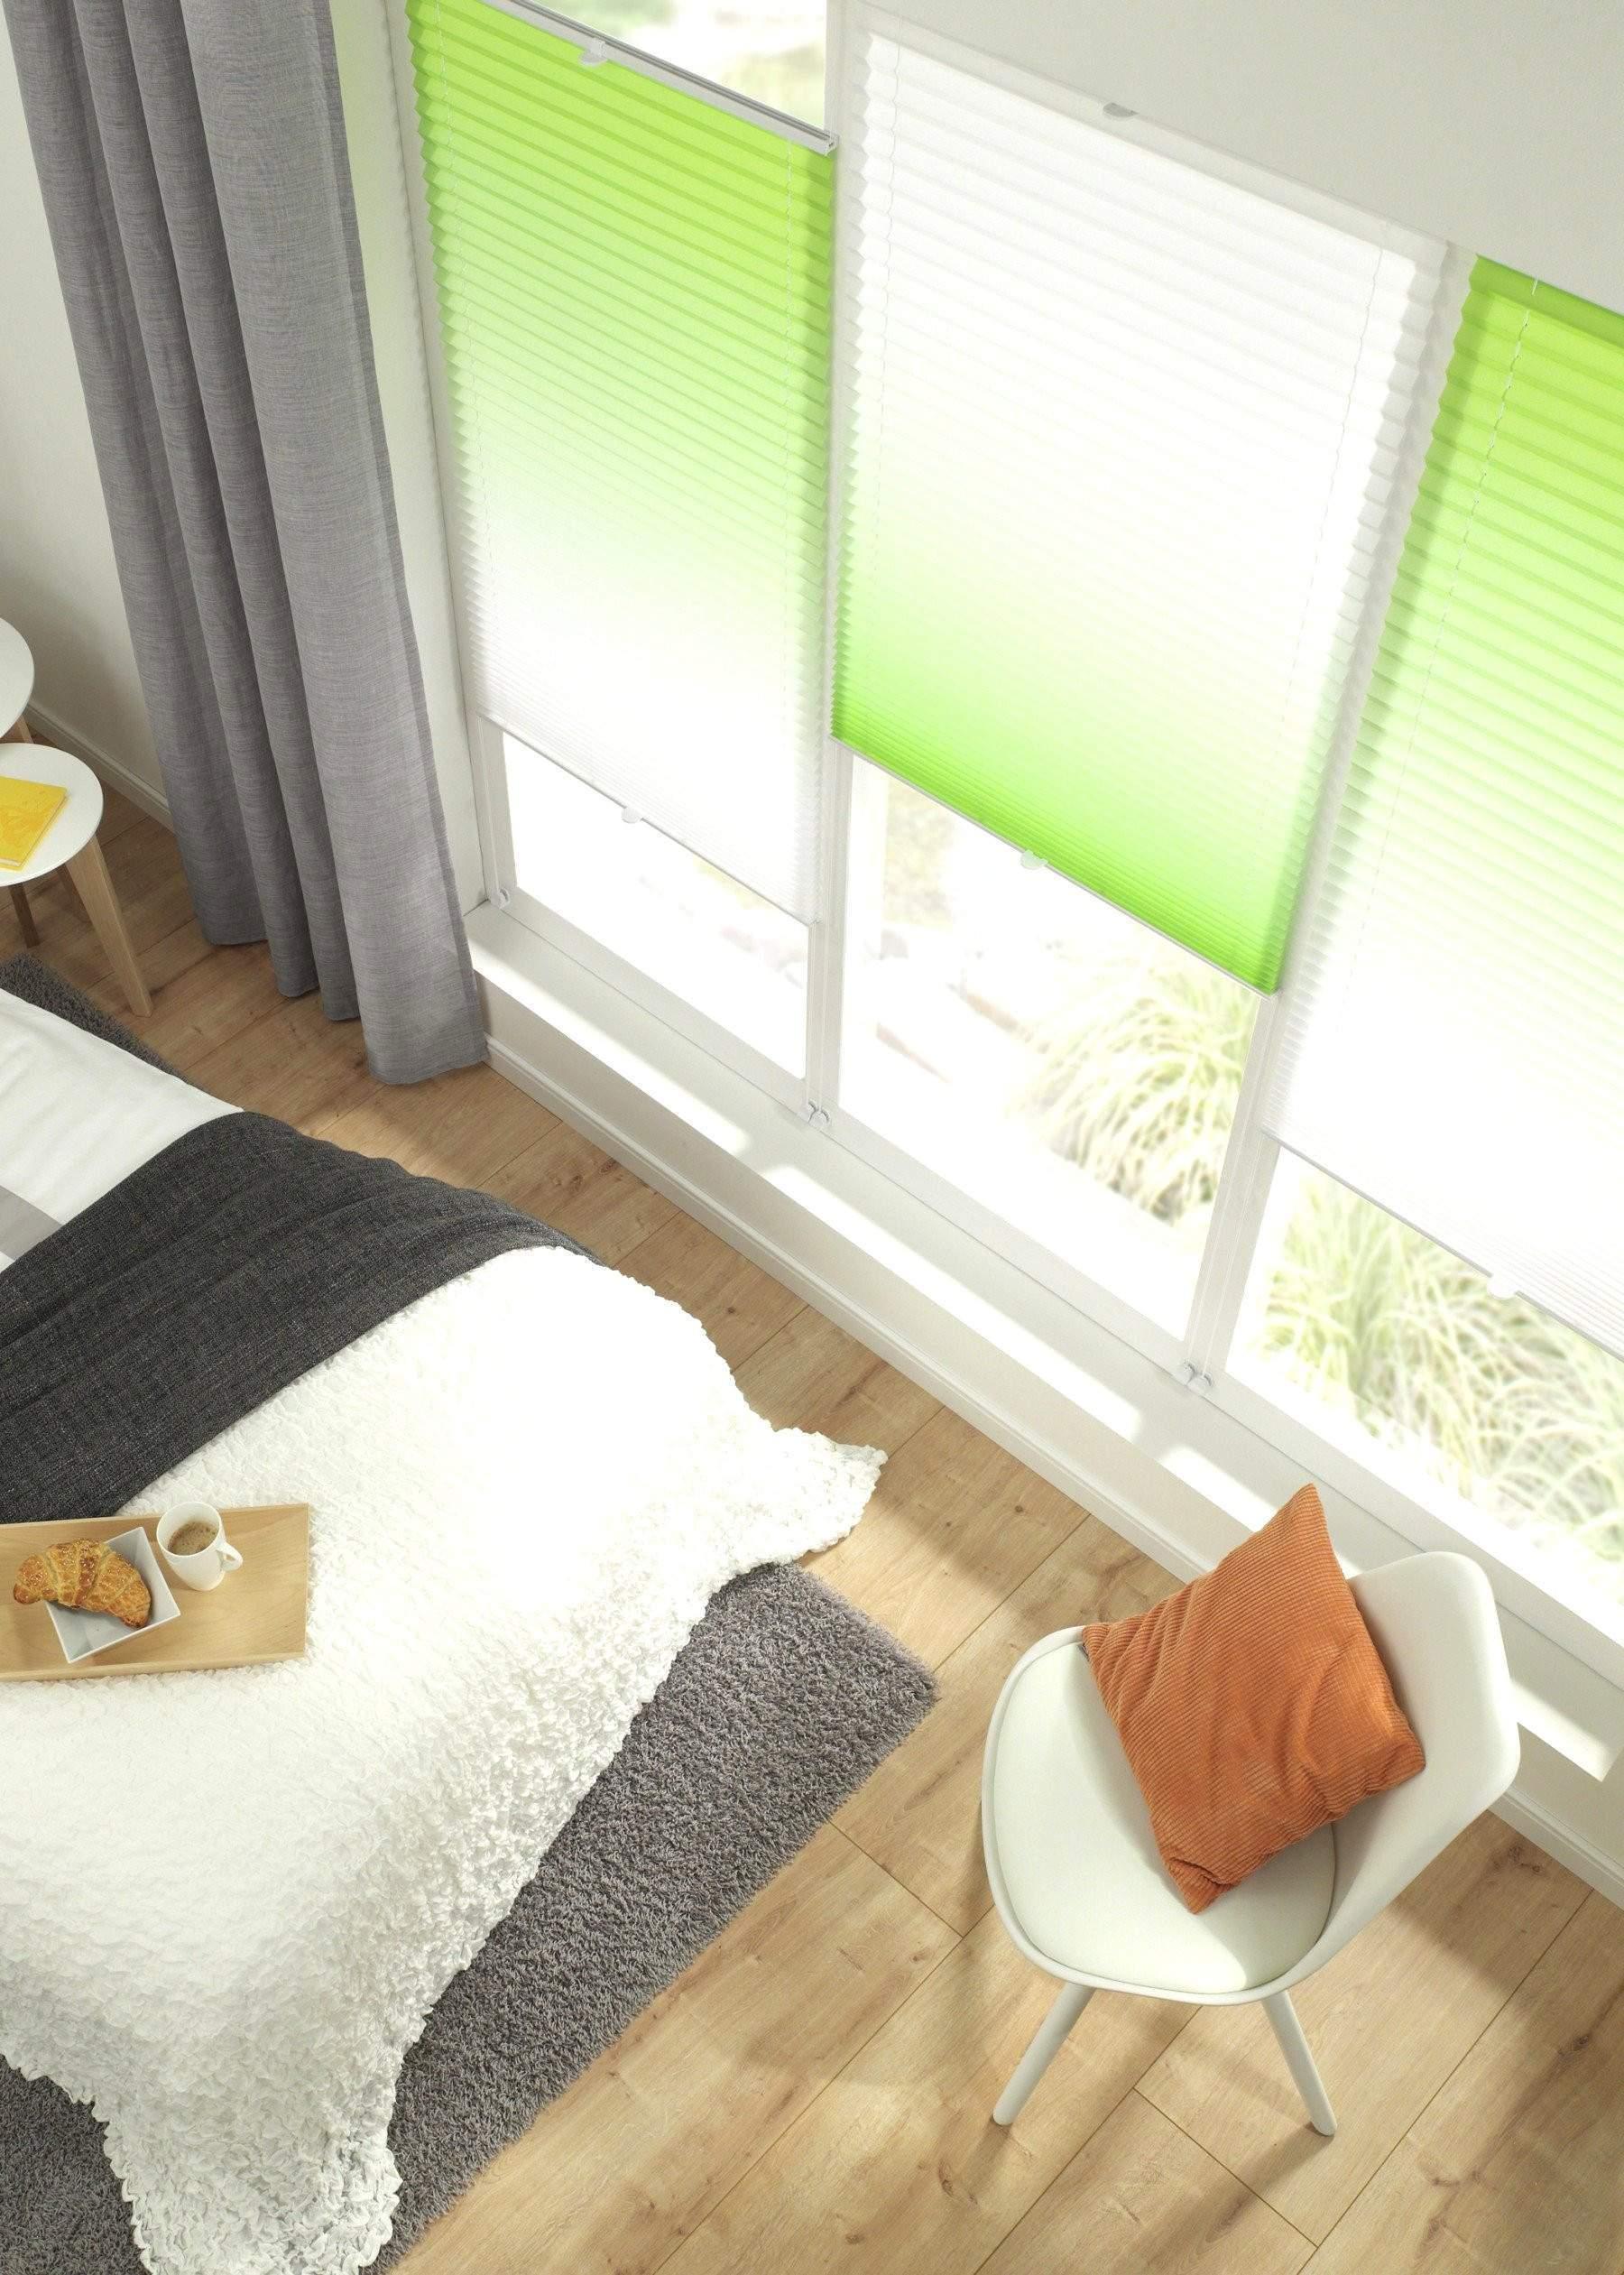 nackt im wohnzimmer einzigartig 28 reizend gardinen im wohnzimmer luxus of nackt im wohnzimmer